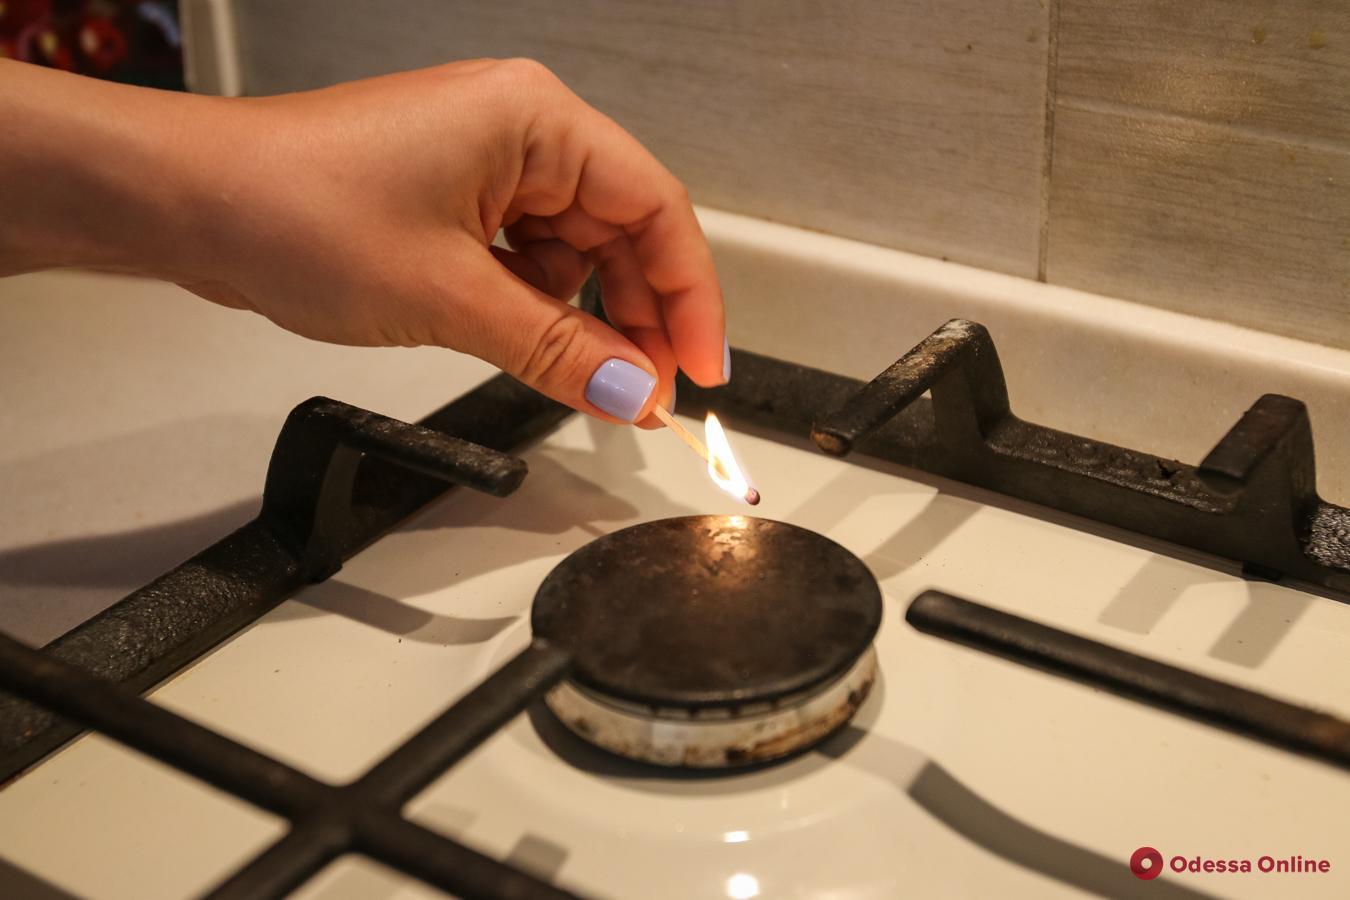 Завтра ряд домов в центре Одессы останется без газа